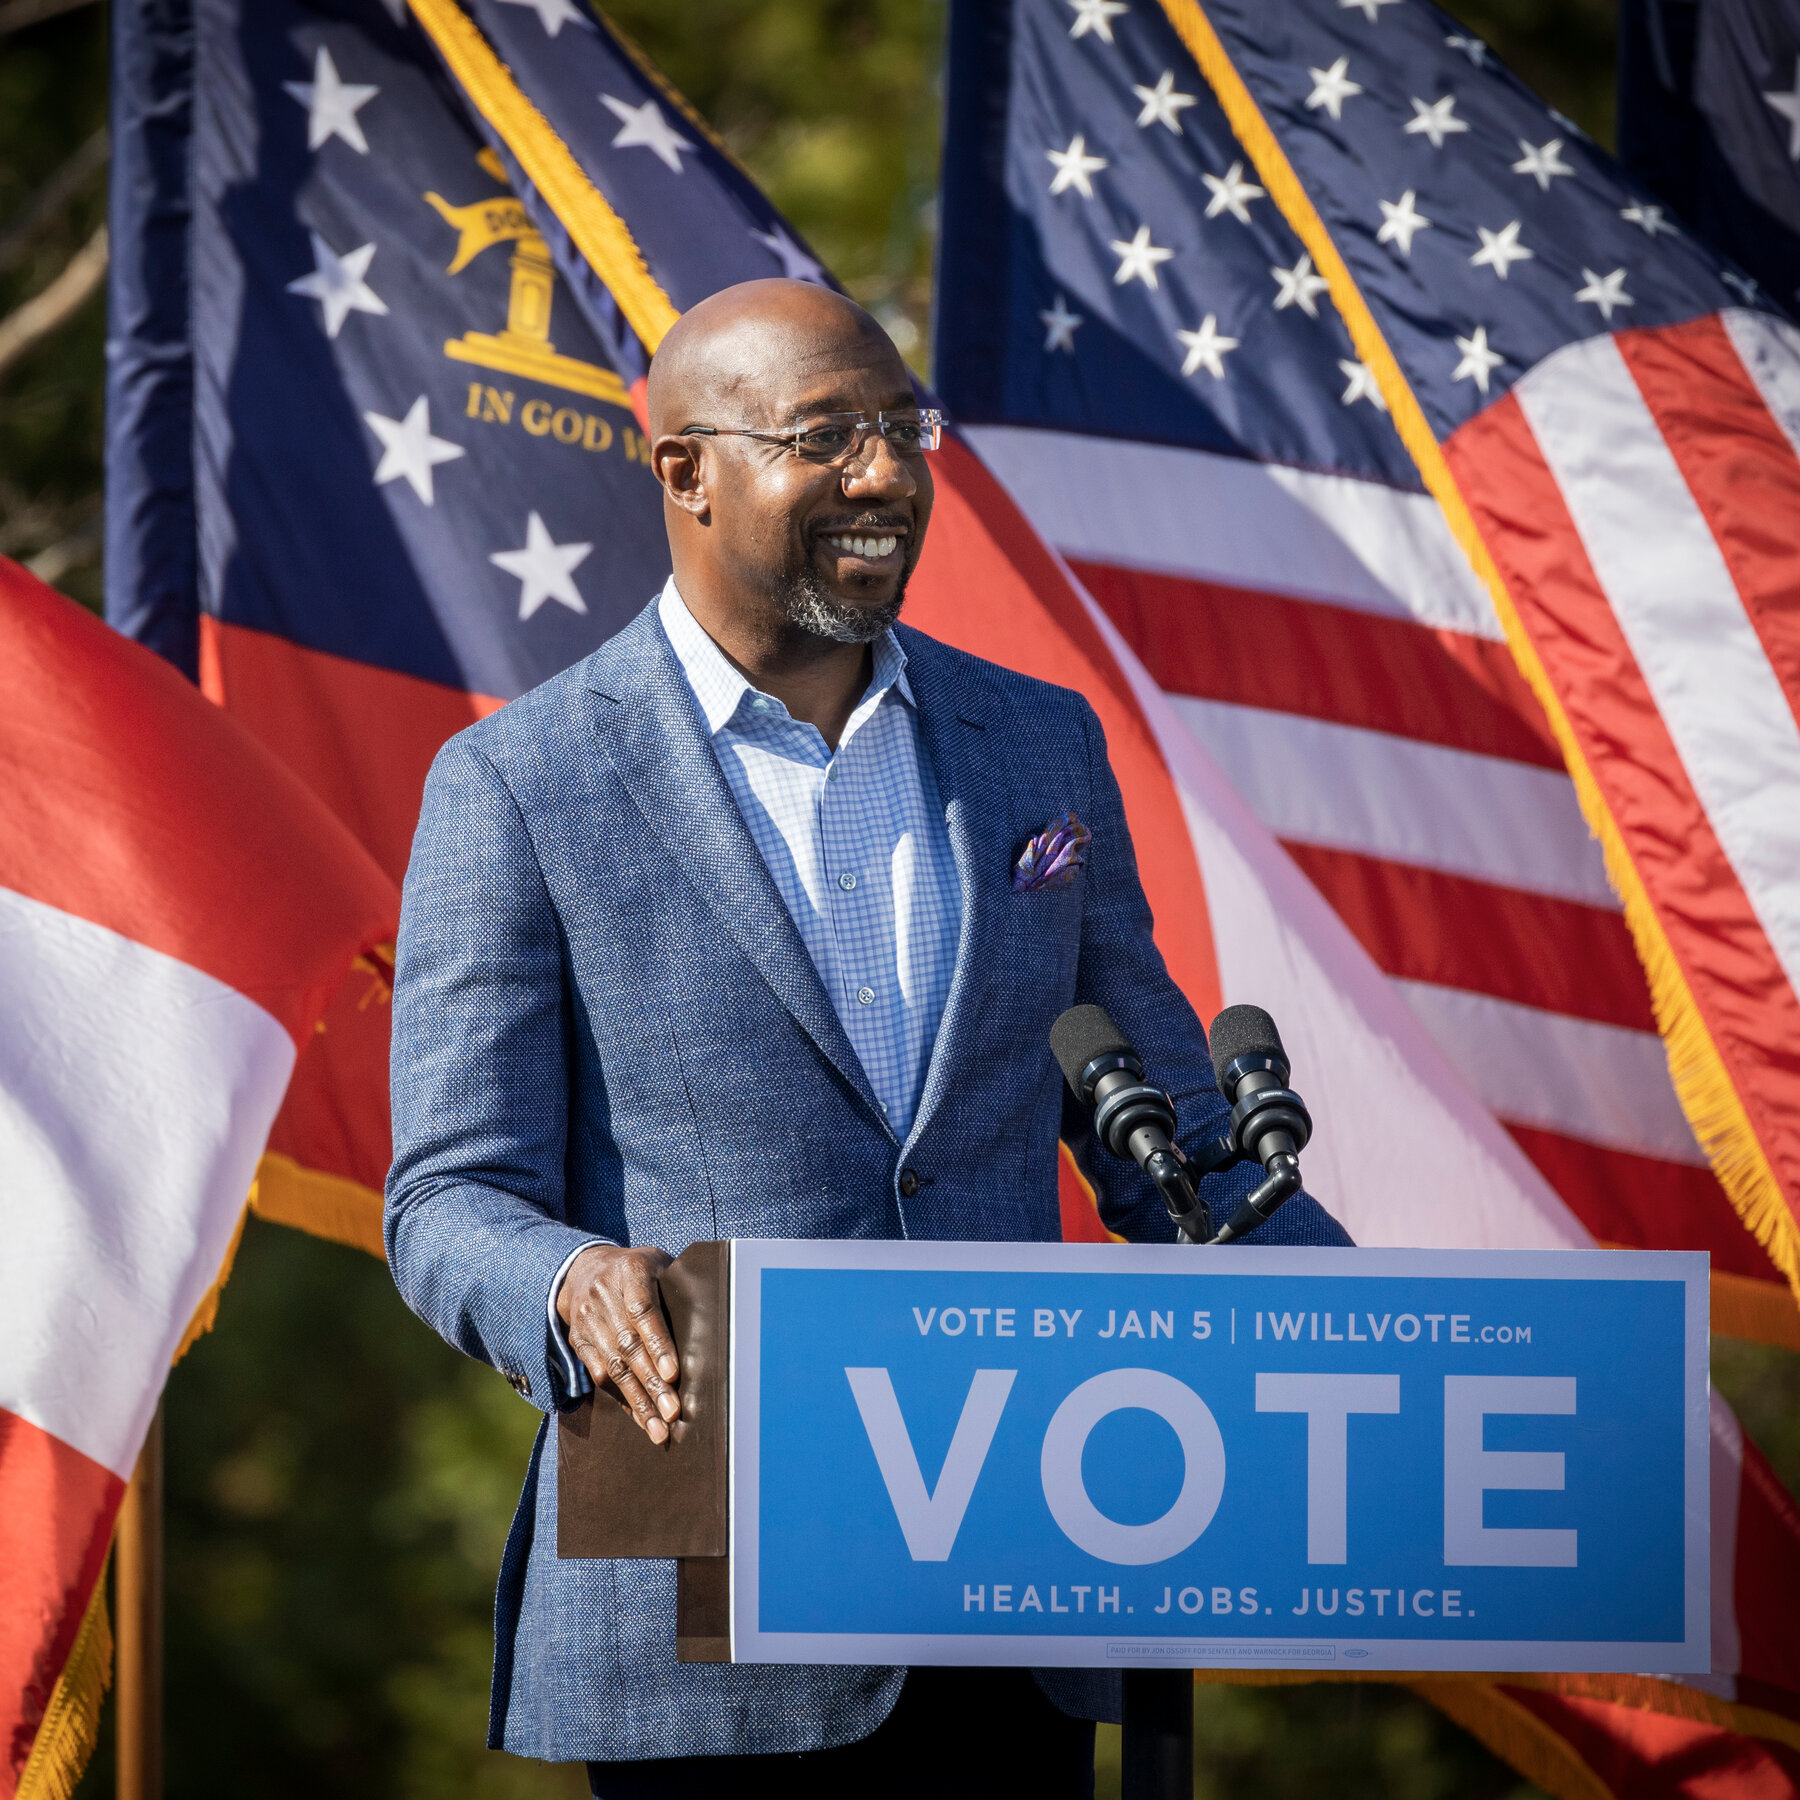 EE.UU: Raphael Warnock será el primer senador negro de Georgia mientras los demócratas se acercan al control de la Cámara Alta